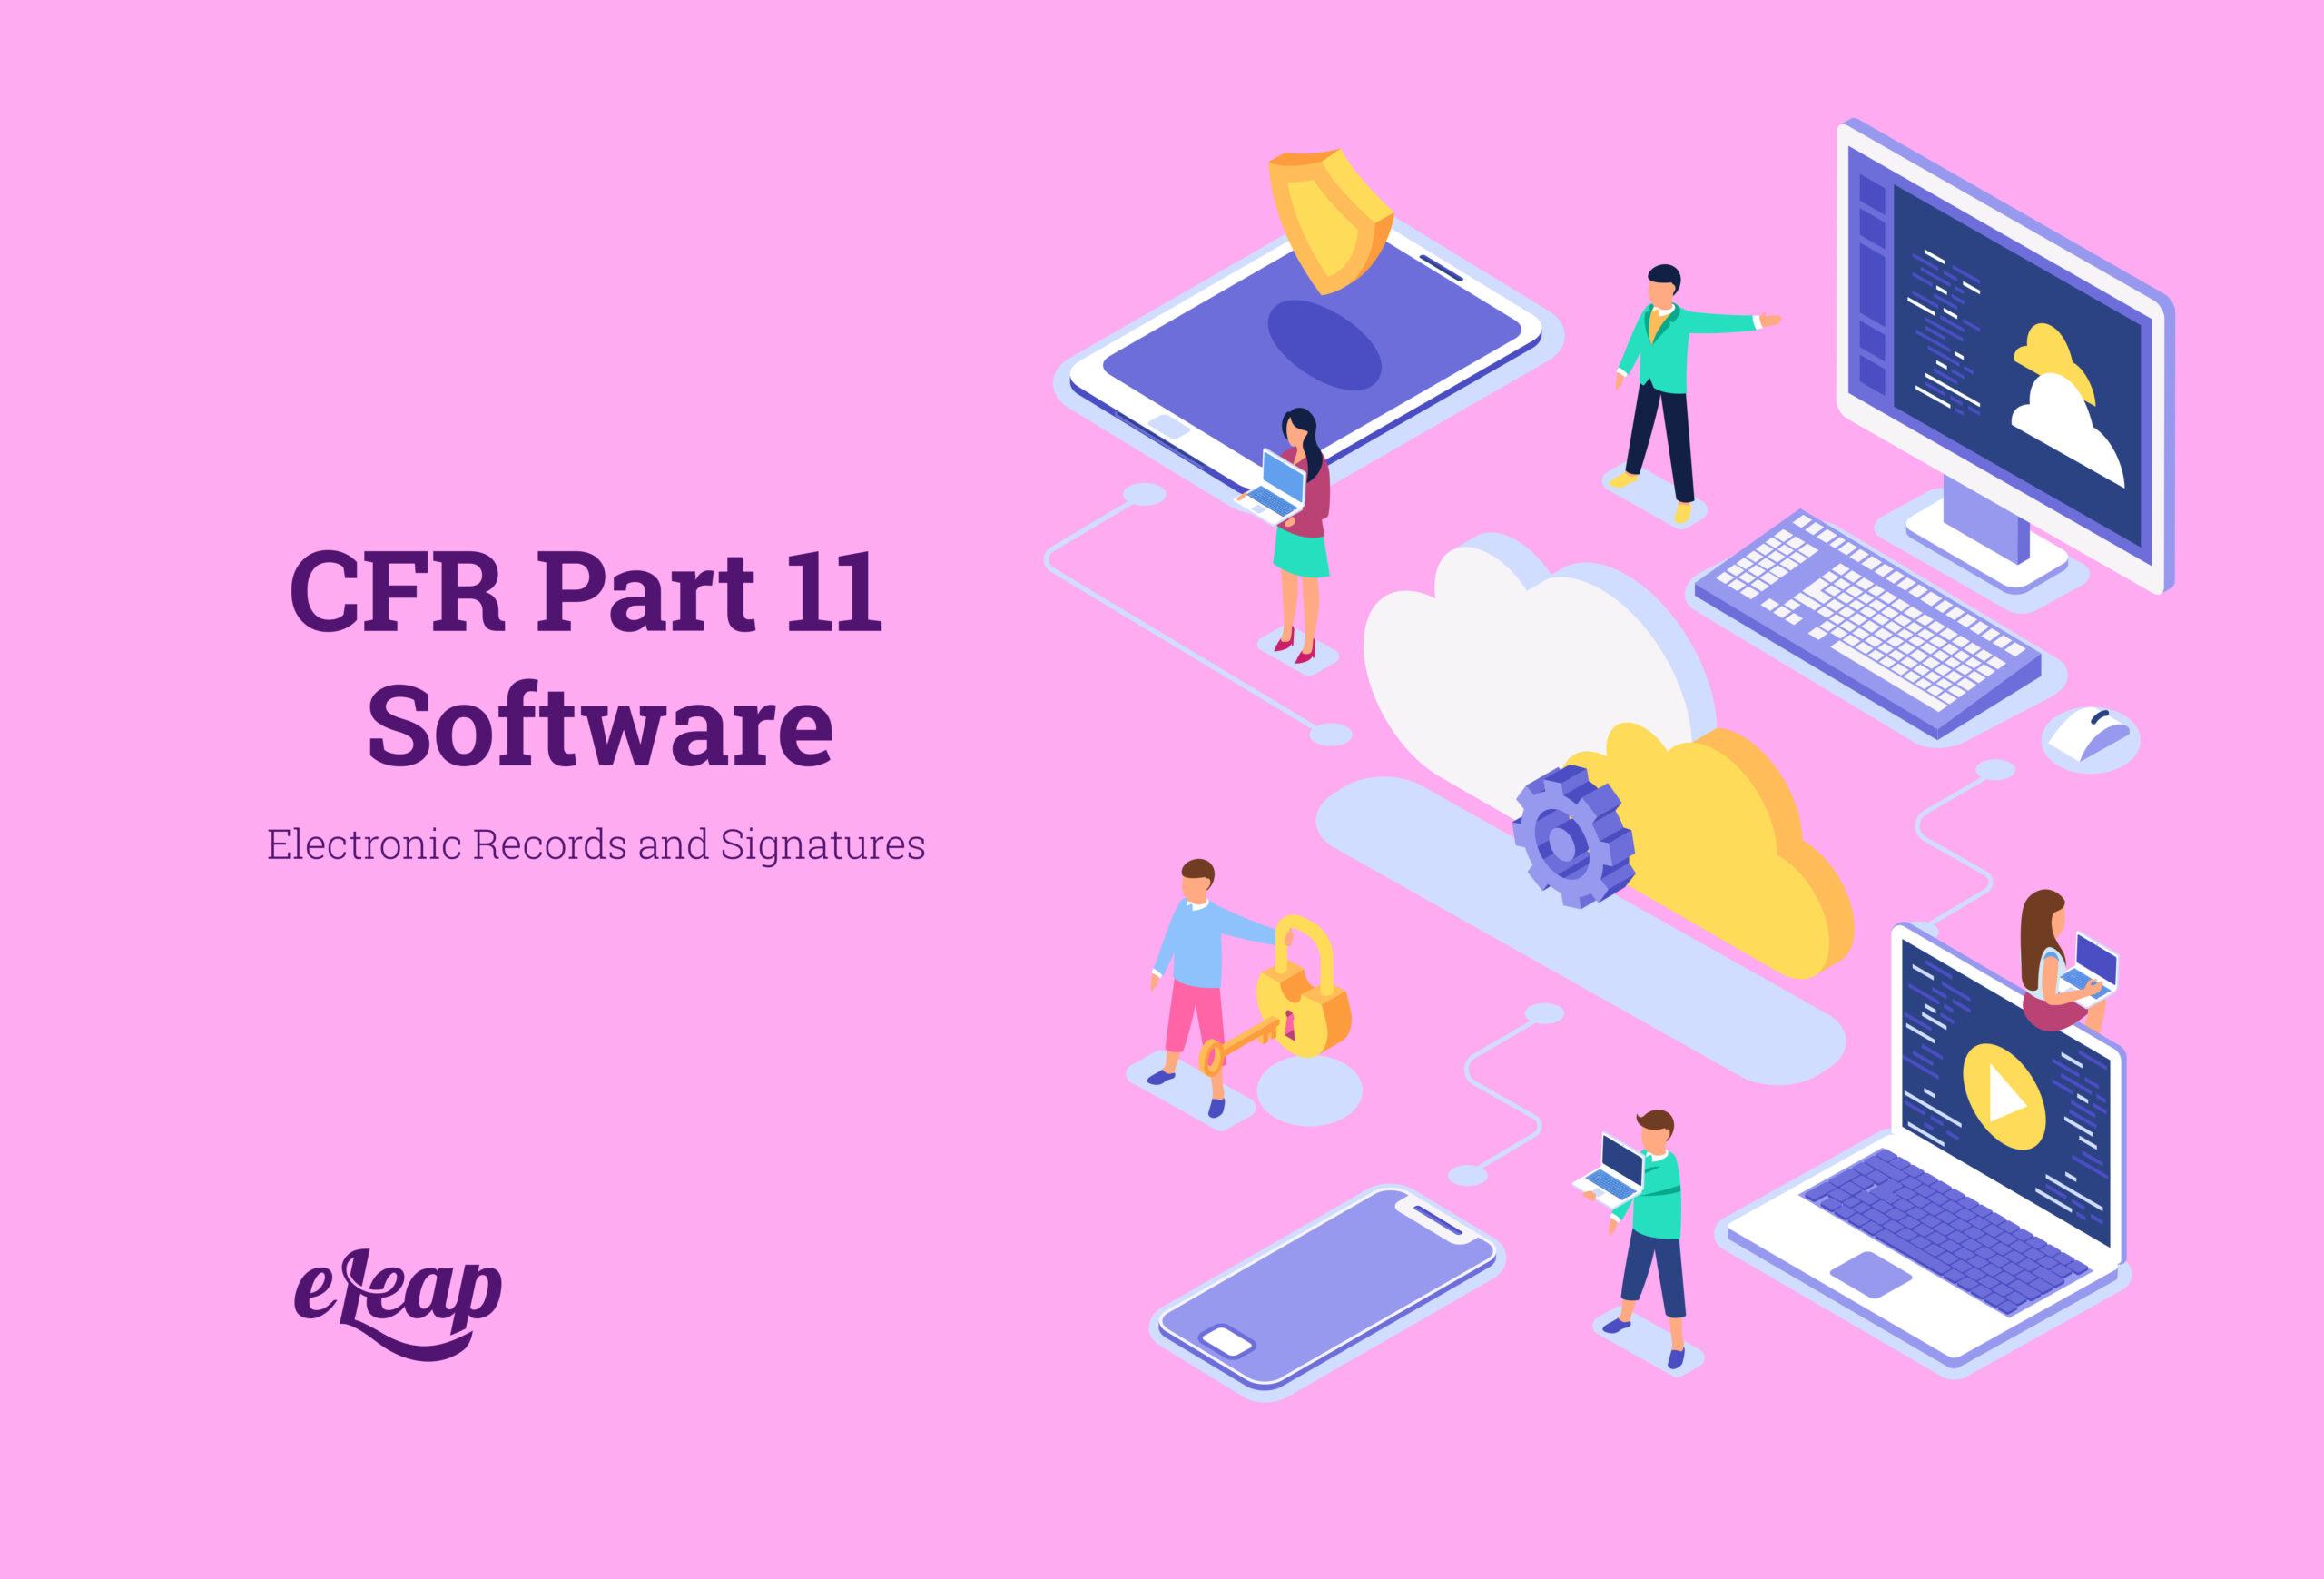 CFR Part 11 Software